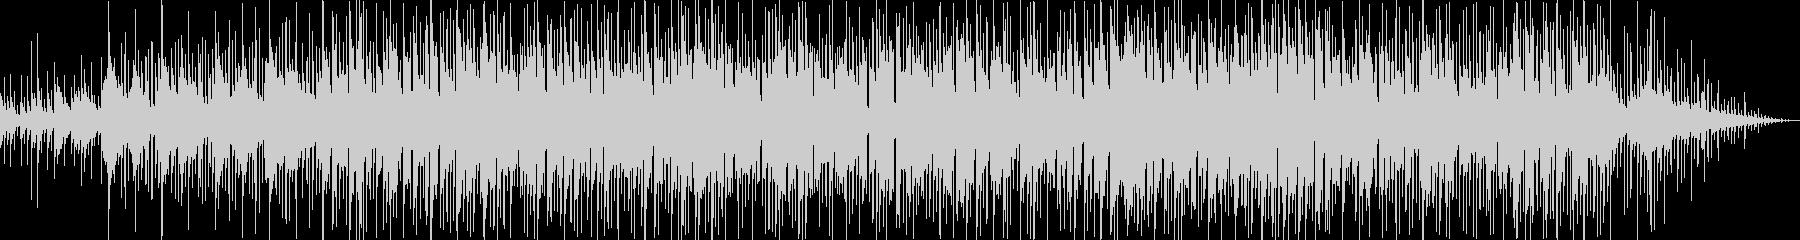 ゆったりしたシンセ・ギターサウンドの未再生の波形